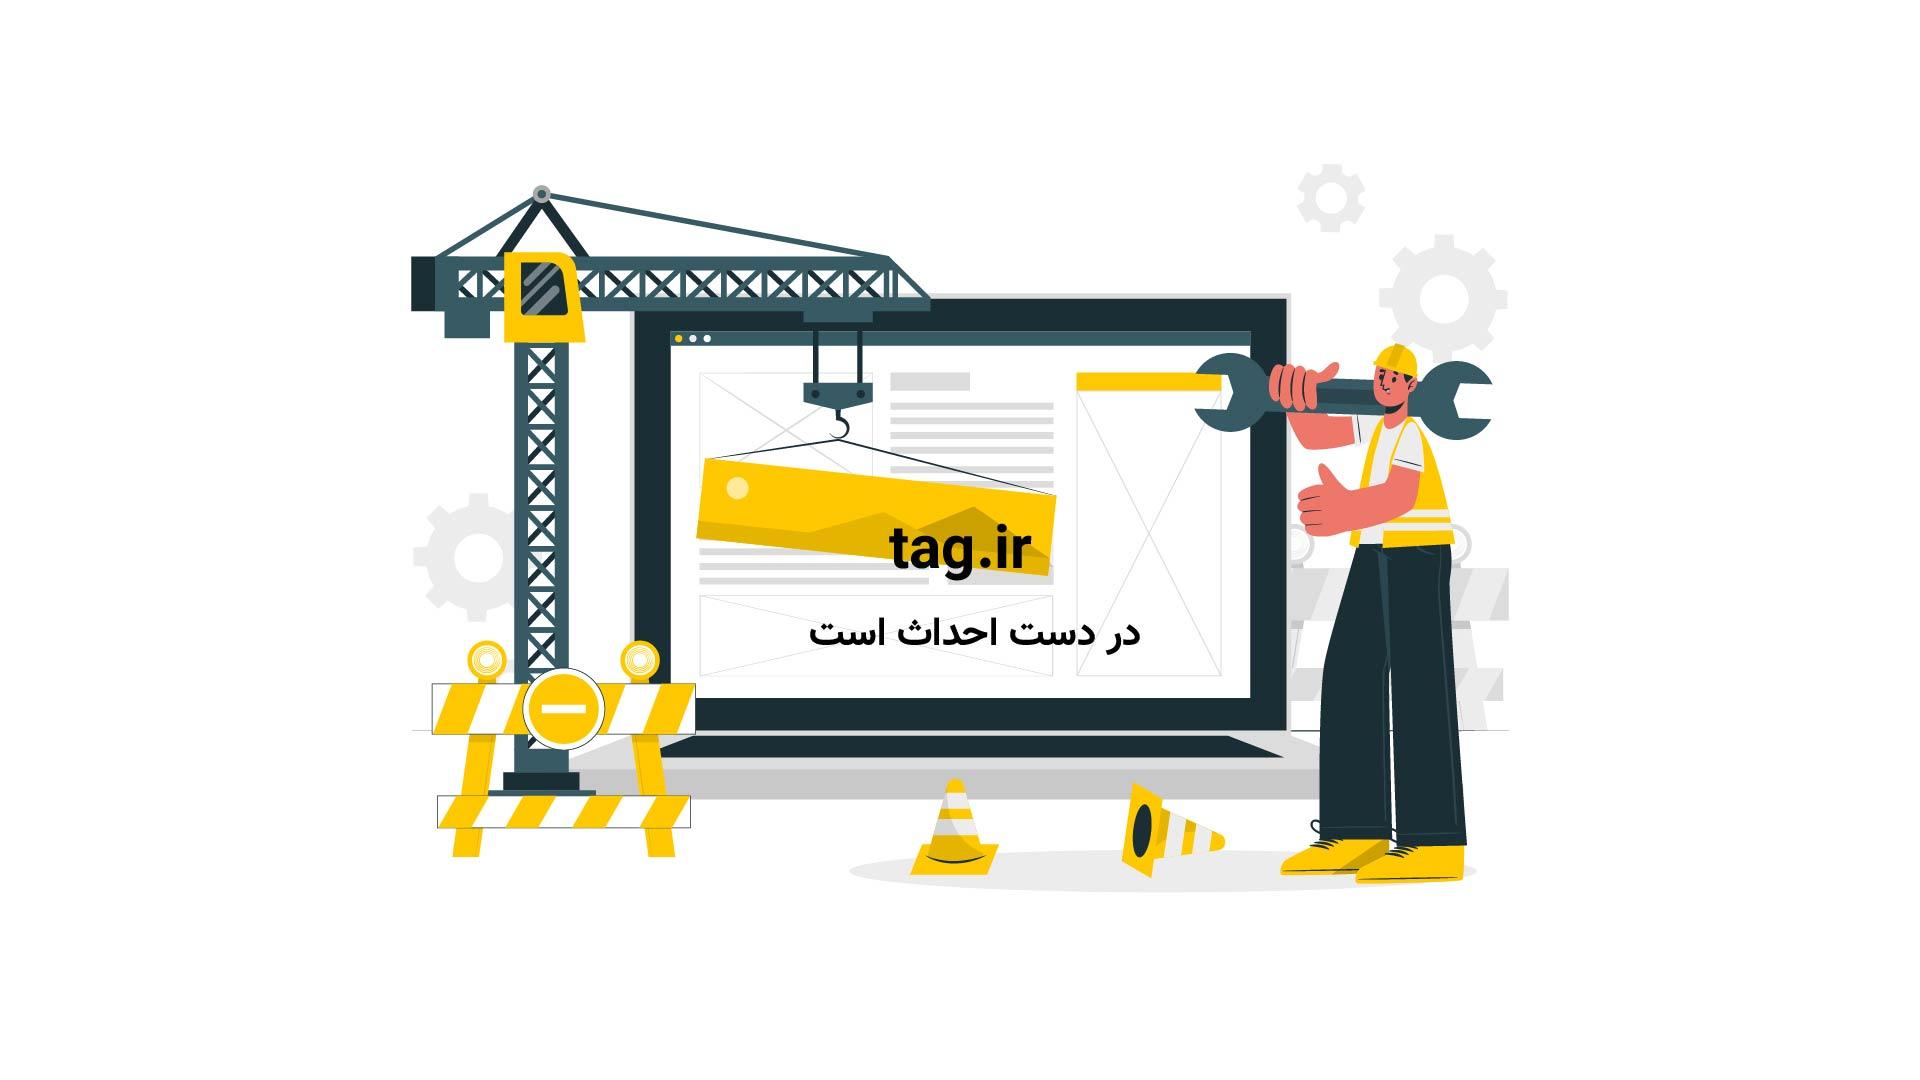 هندوانه ژله ای | تگ